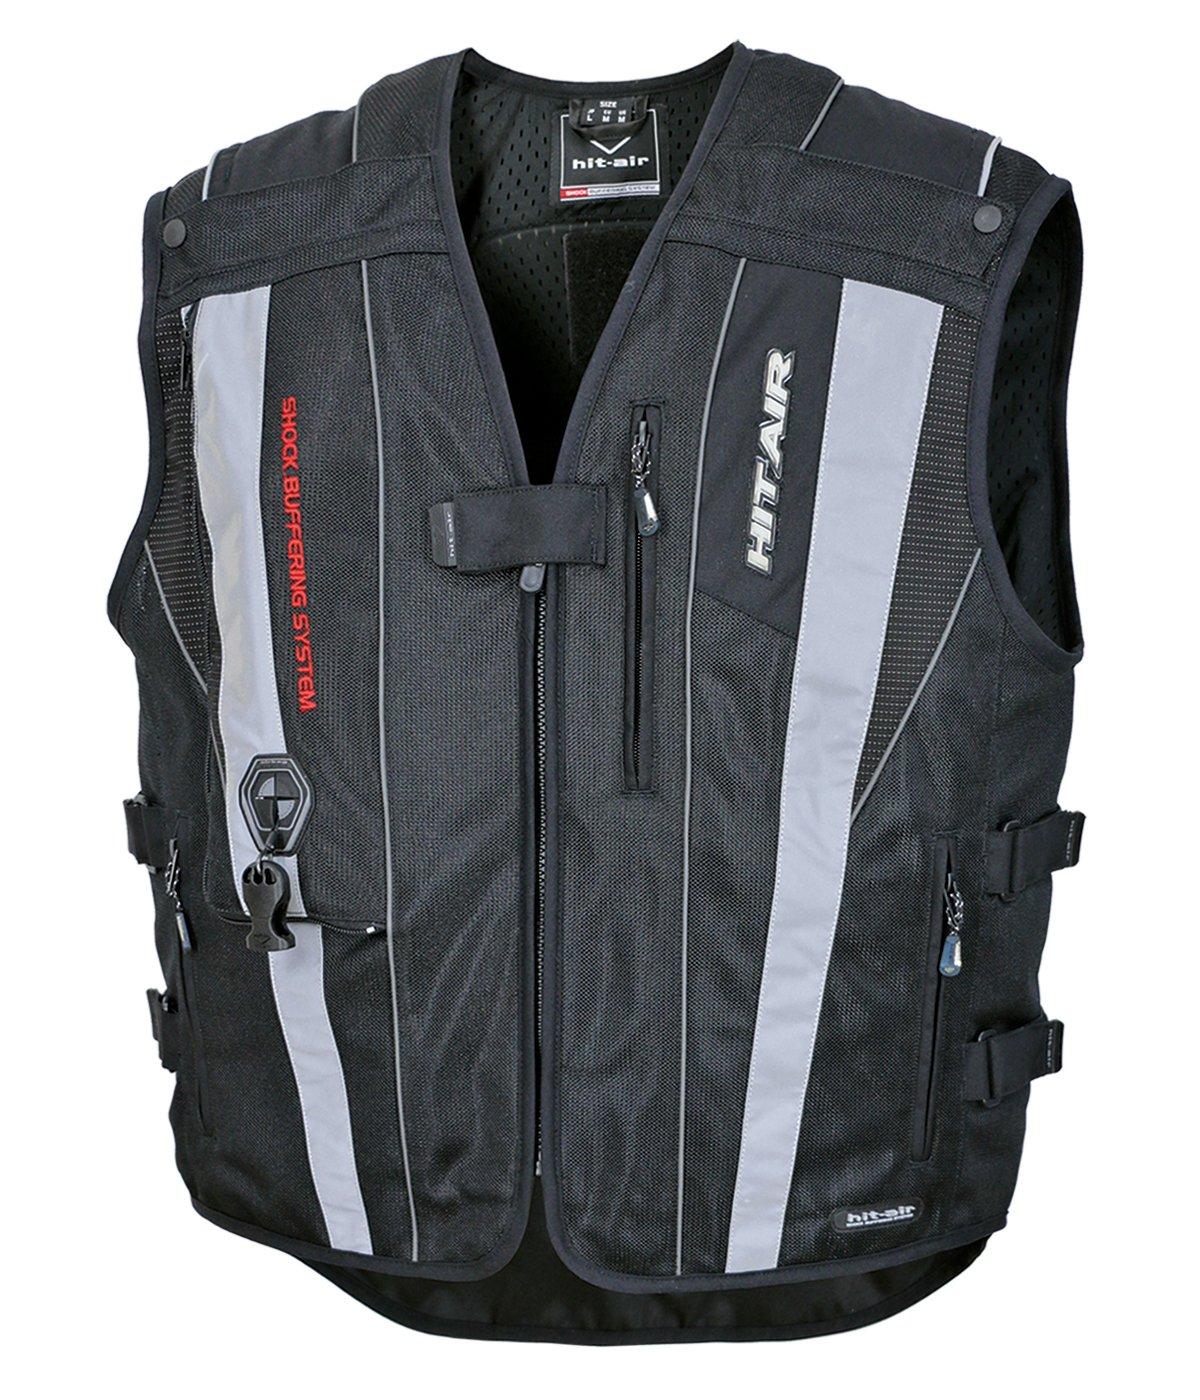 Hit-Air MV6 Motorcycle Vest